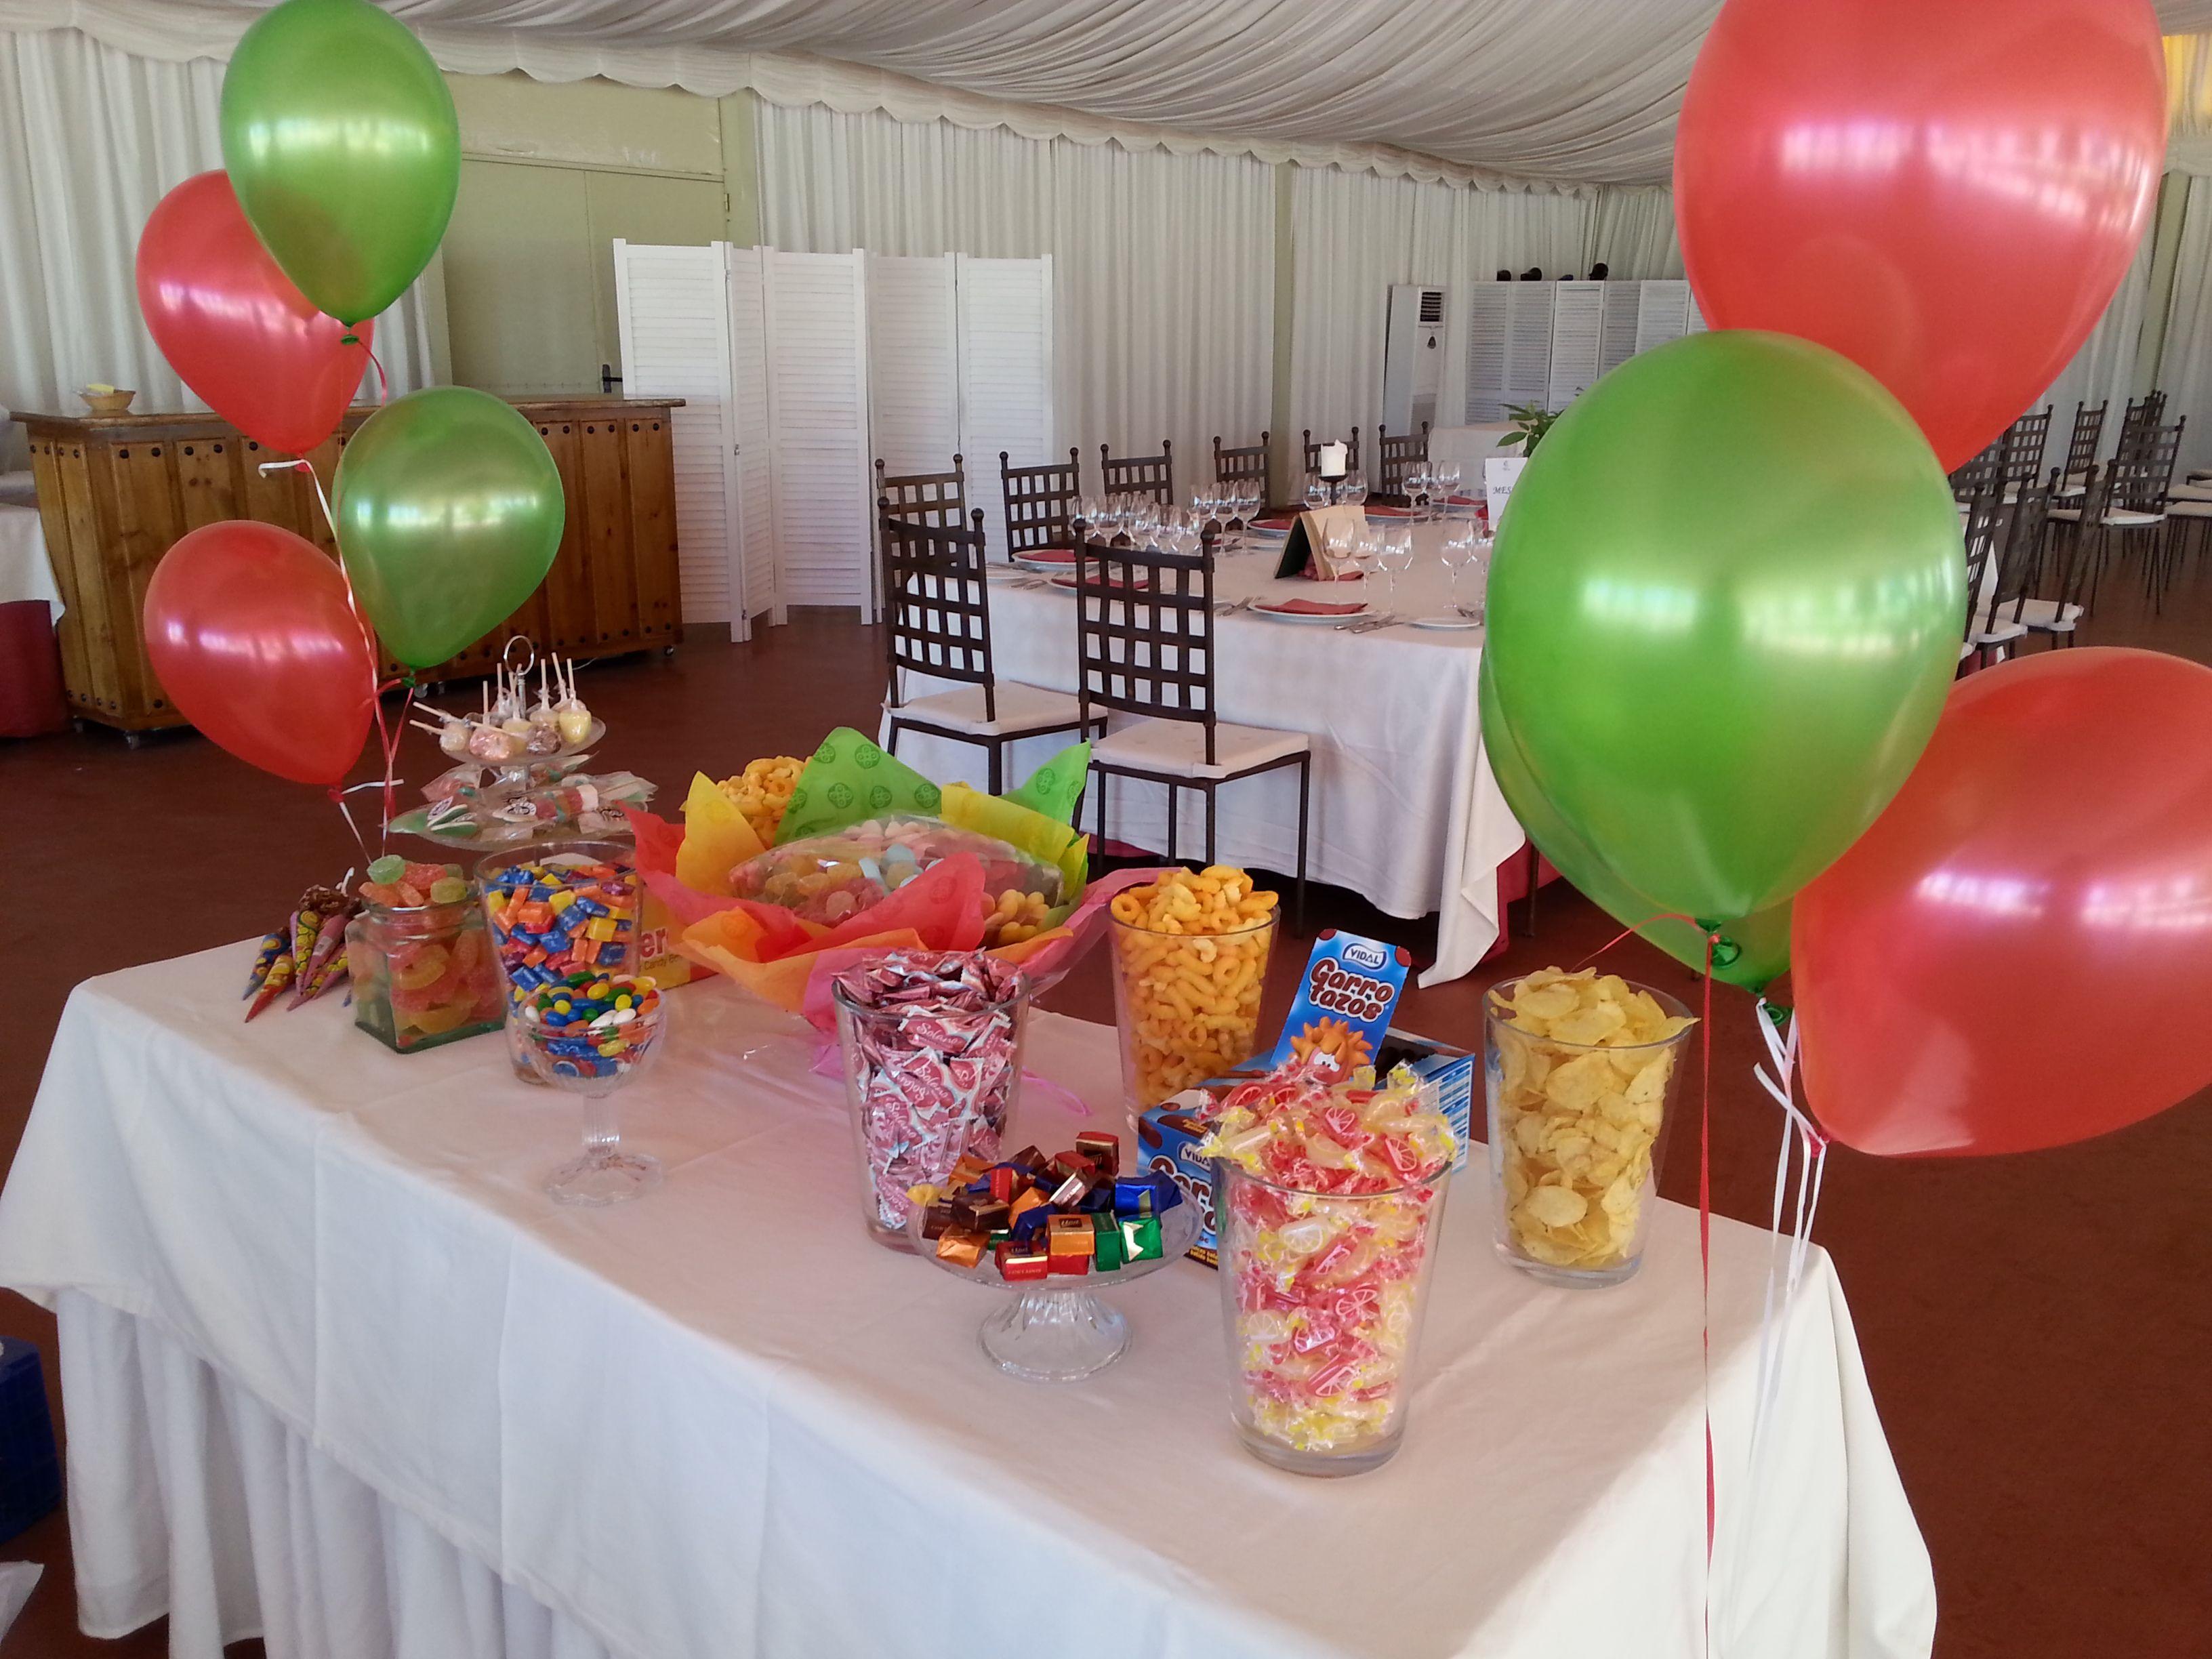 Mesa de golosinas (candy bar) para comunión, decorada con globos y todo sin gluten!